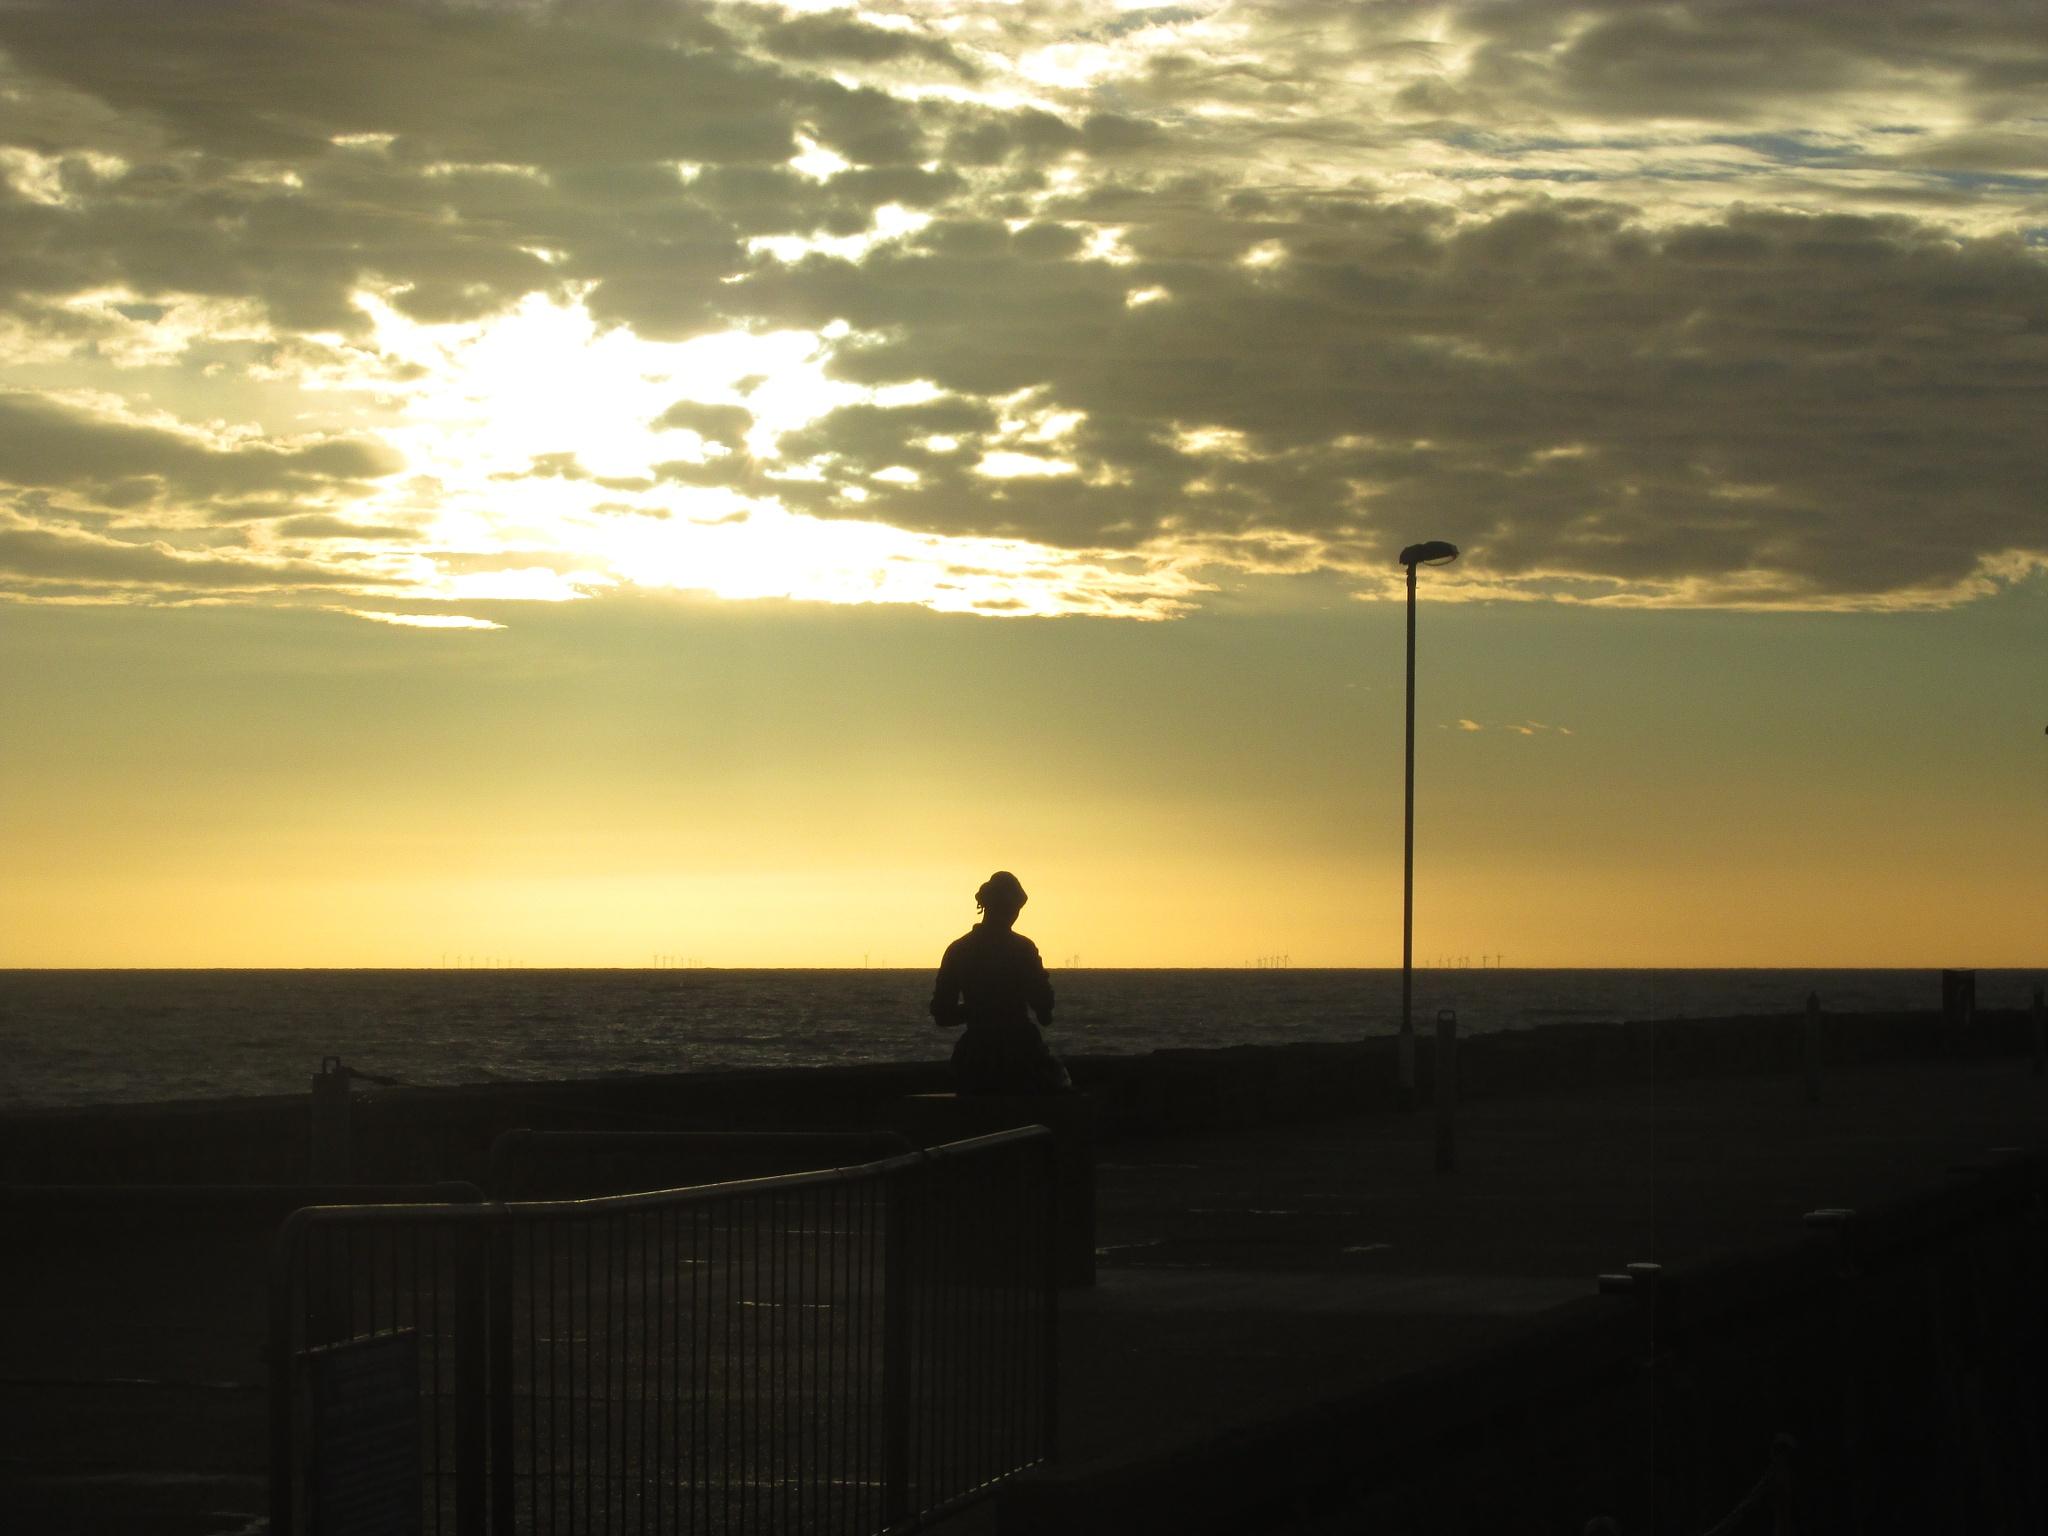 early morning bridlington by stevekilbride01